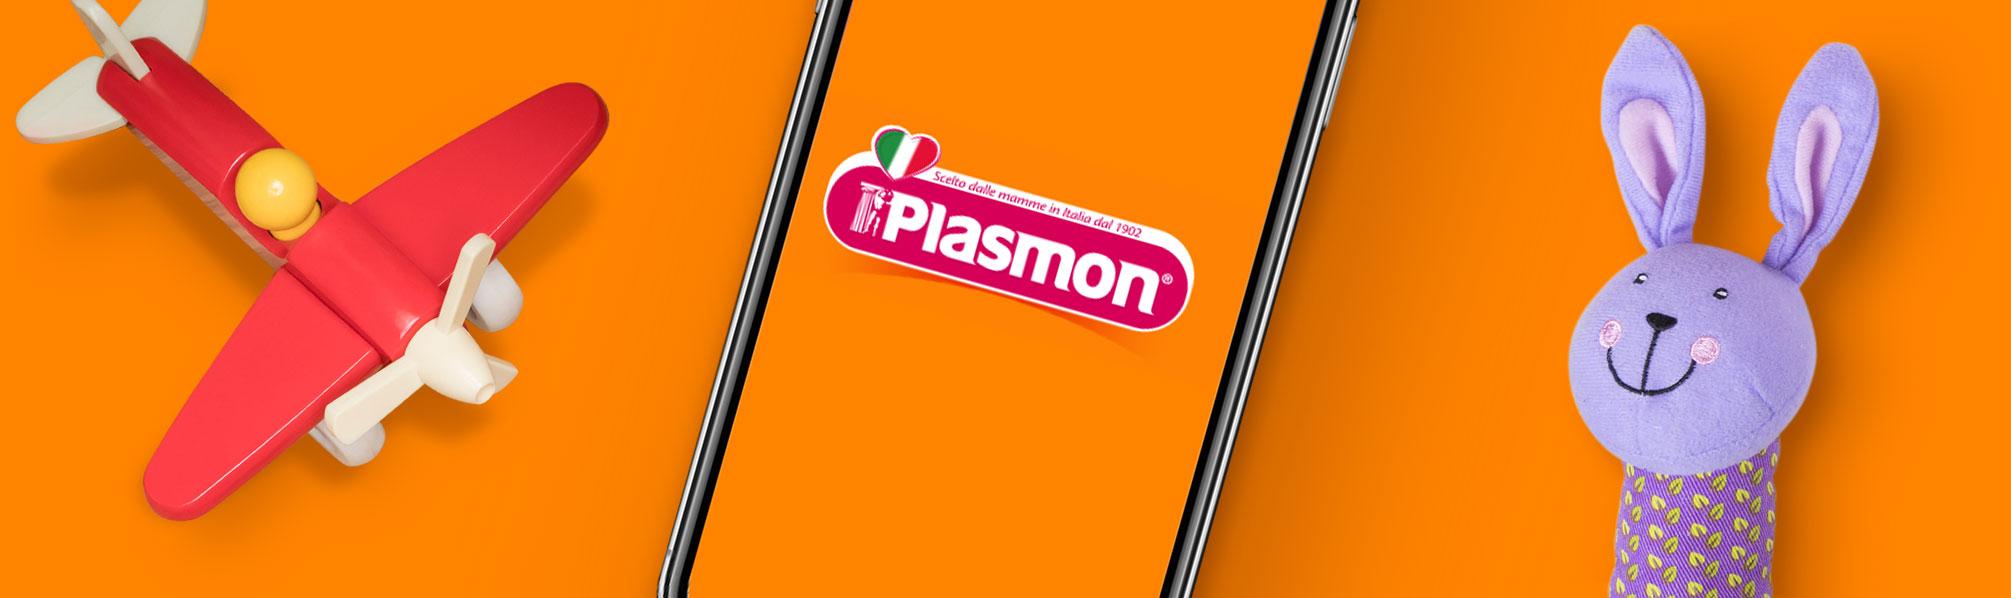 banner-plasmon.jpg